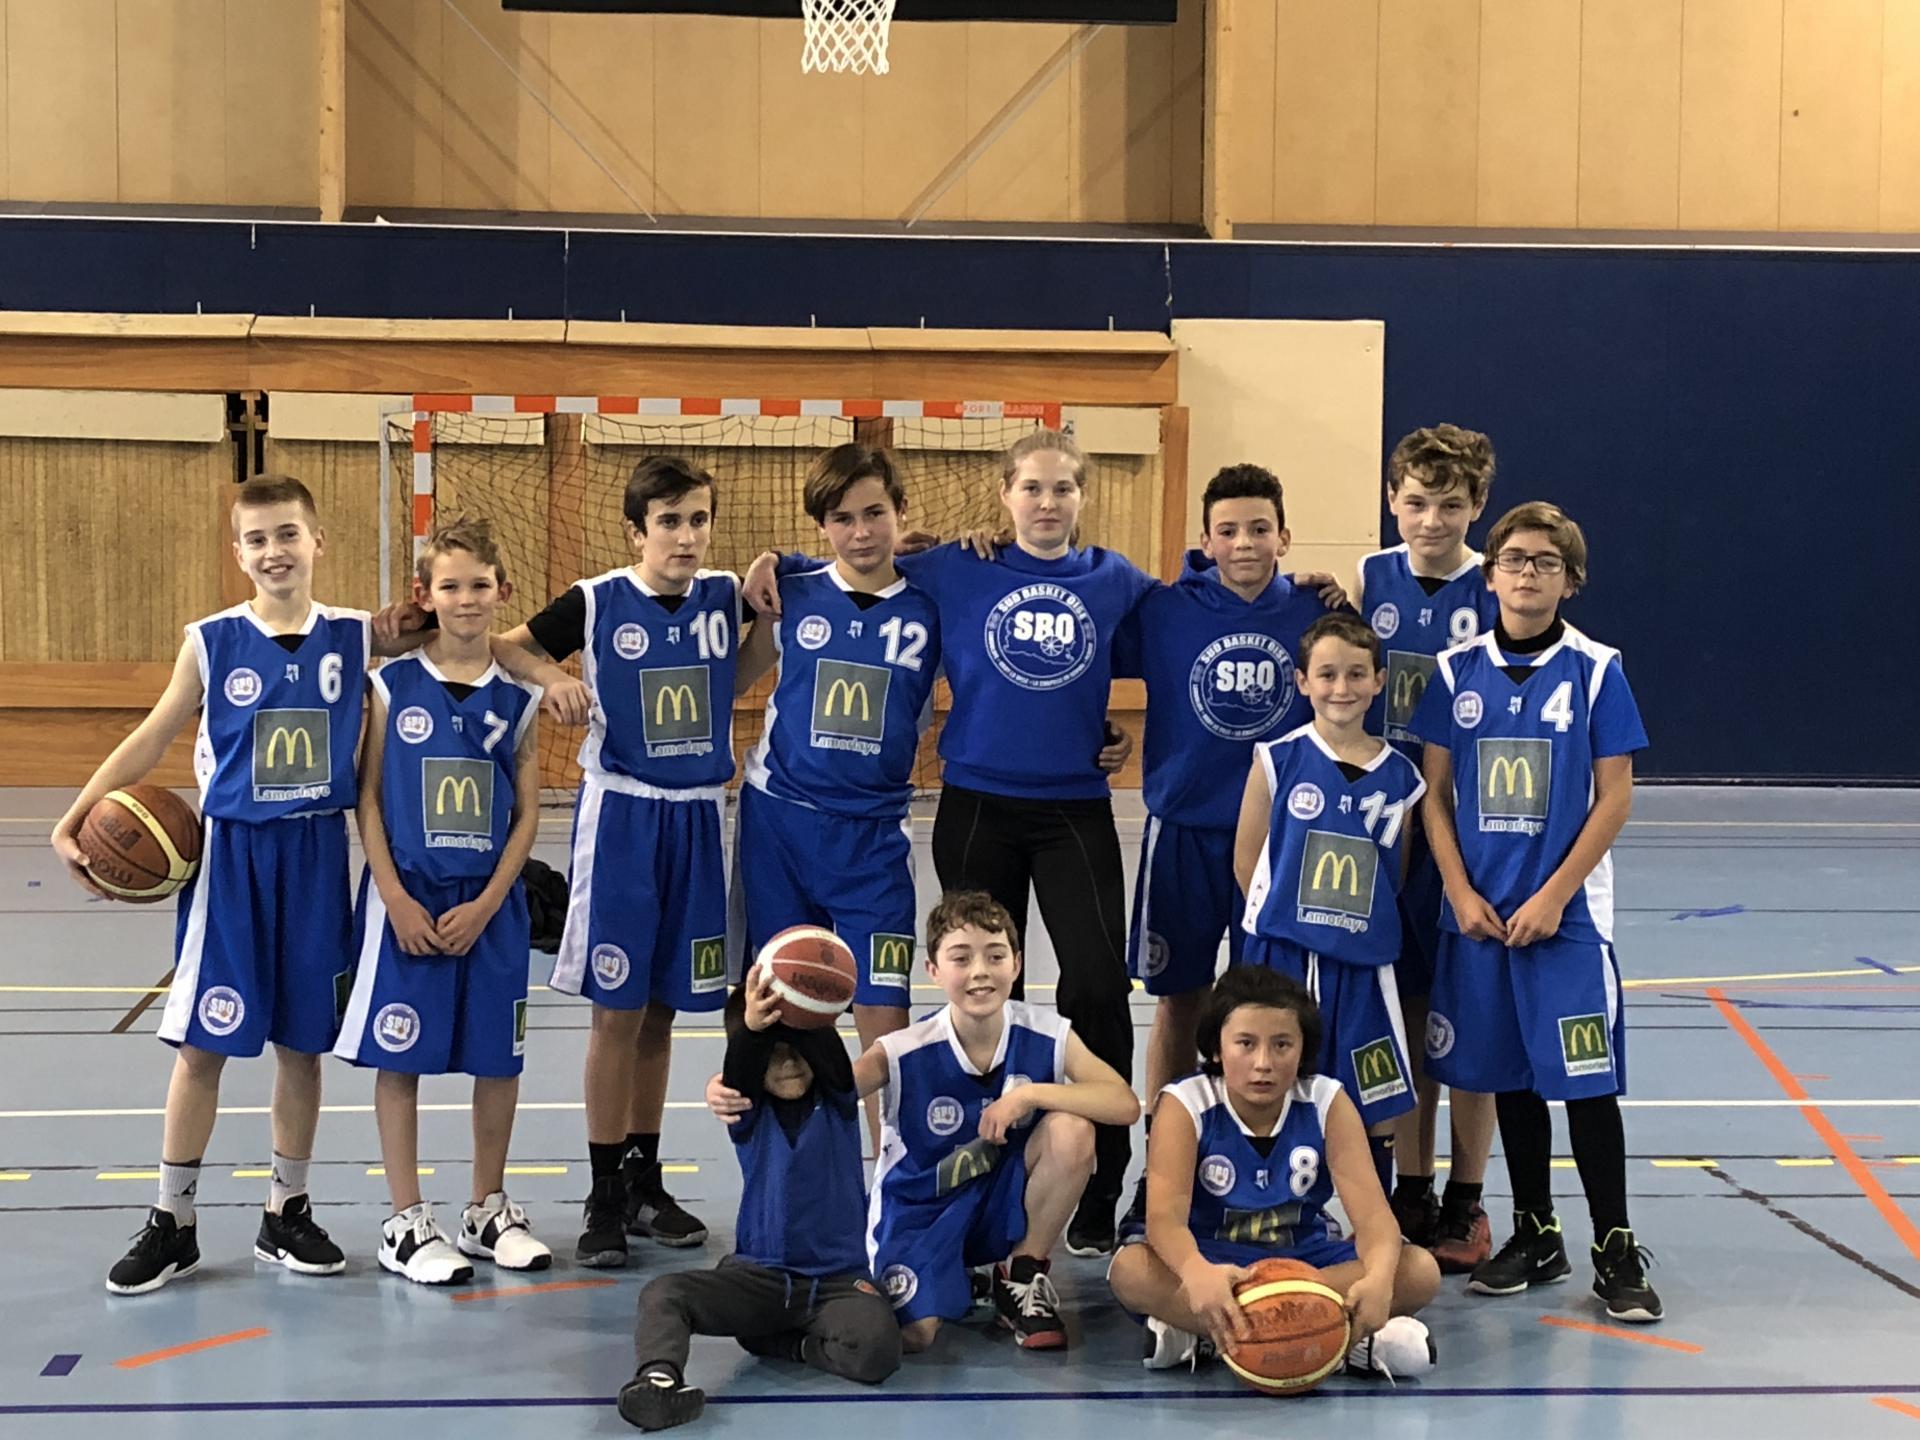 U13Elite Sud Basket Oise